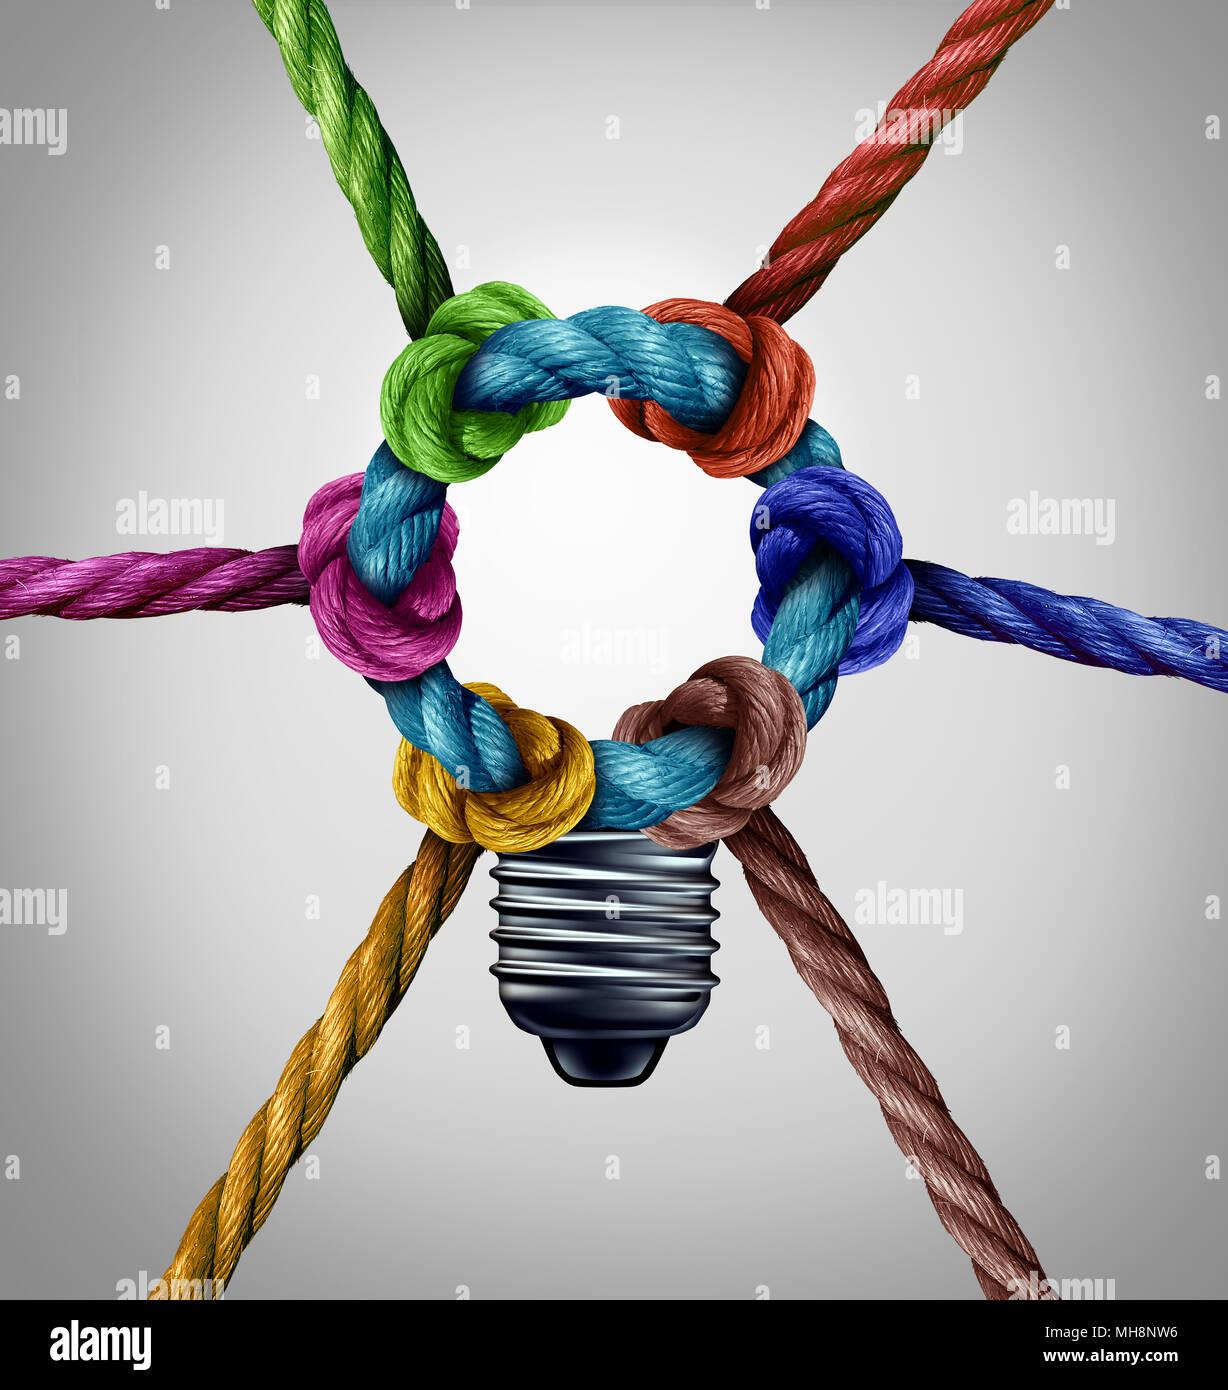 Concept central de la créativité en tant que groupe d'inspiration idée connexion aussi divers cordes attachées ensemble comme un symbole de l'équipe avec 3D illustration éléments. Photo Stock